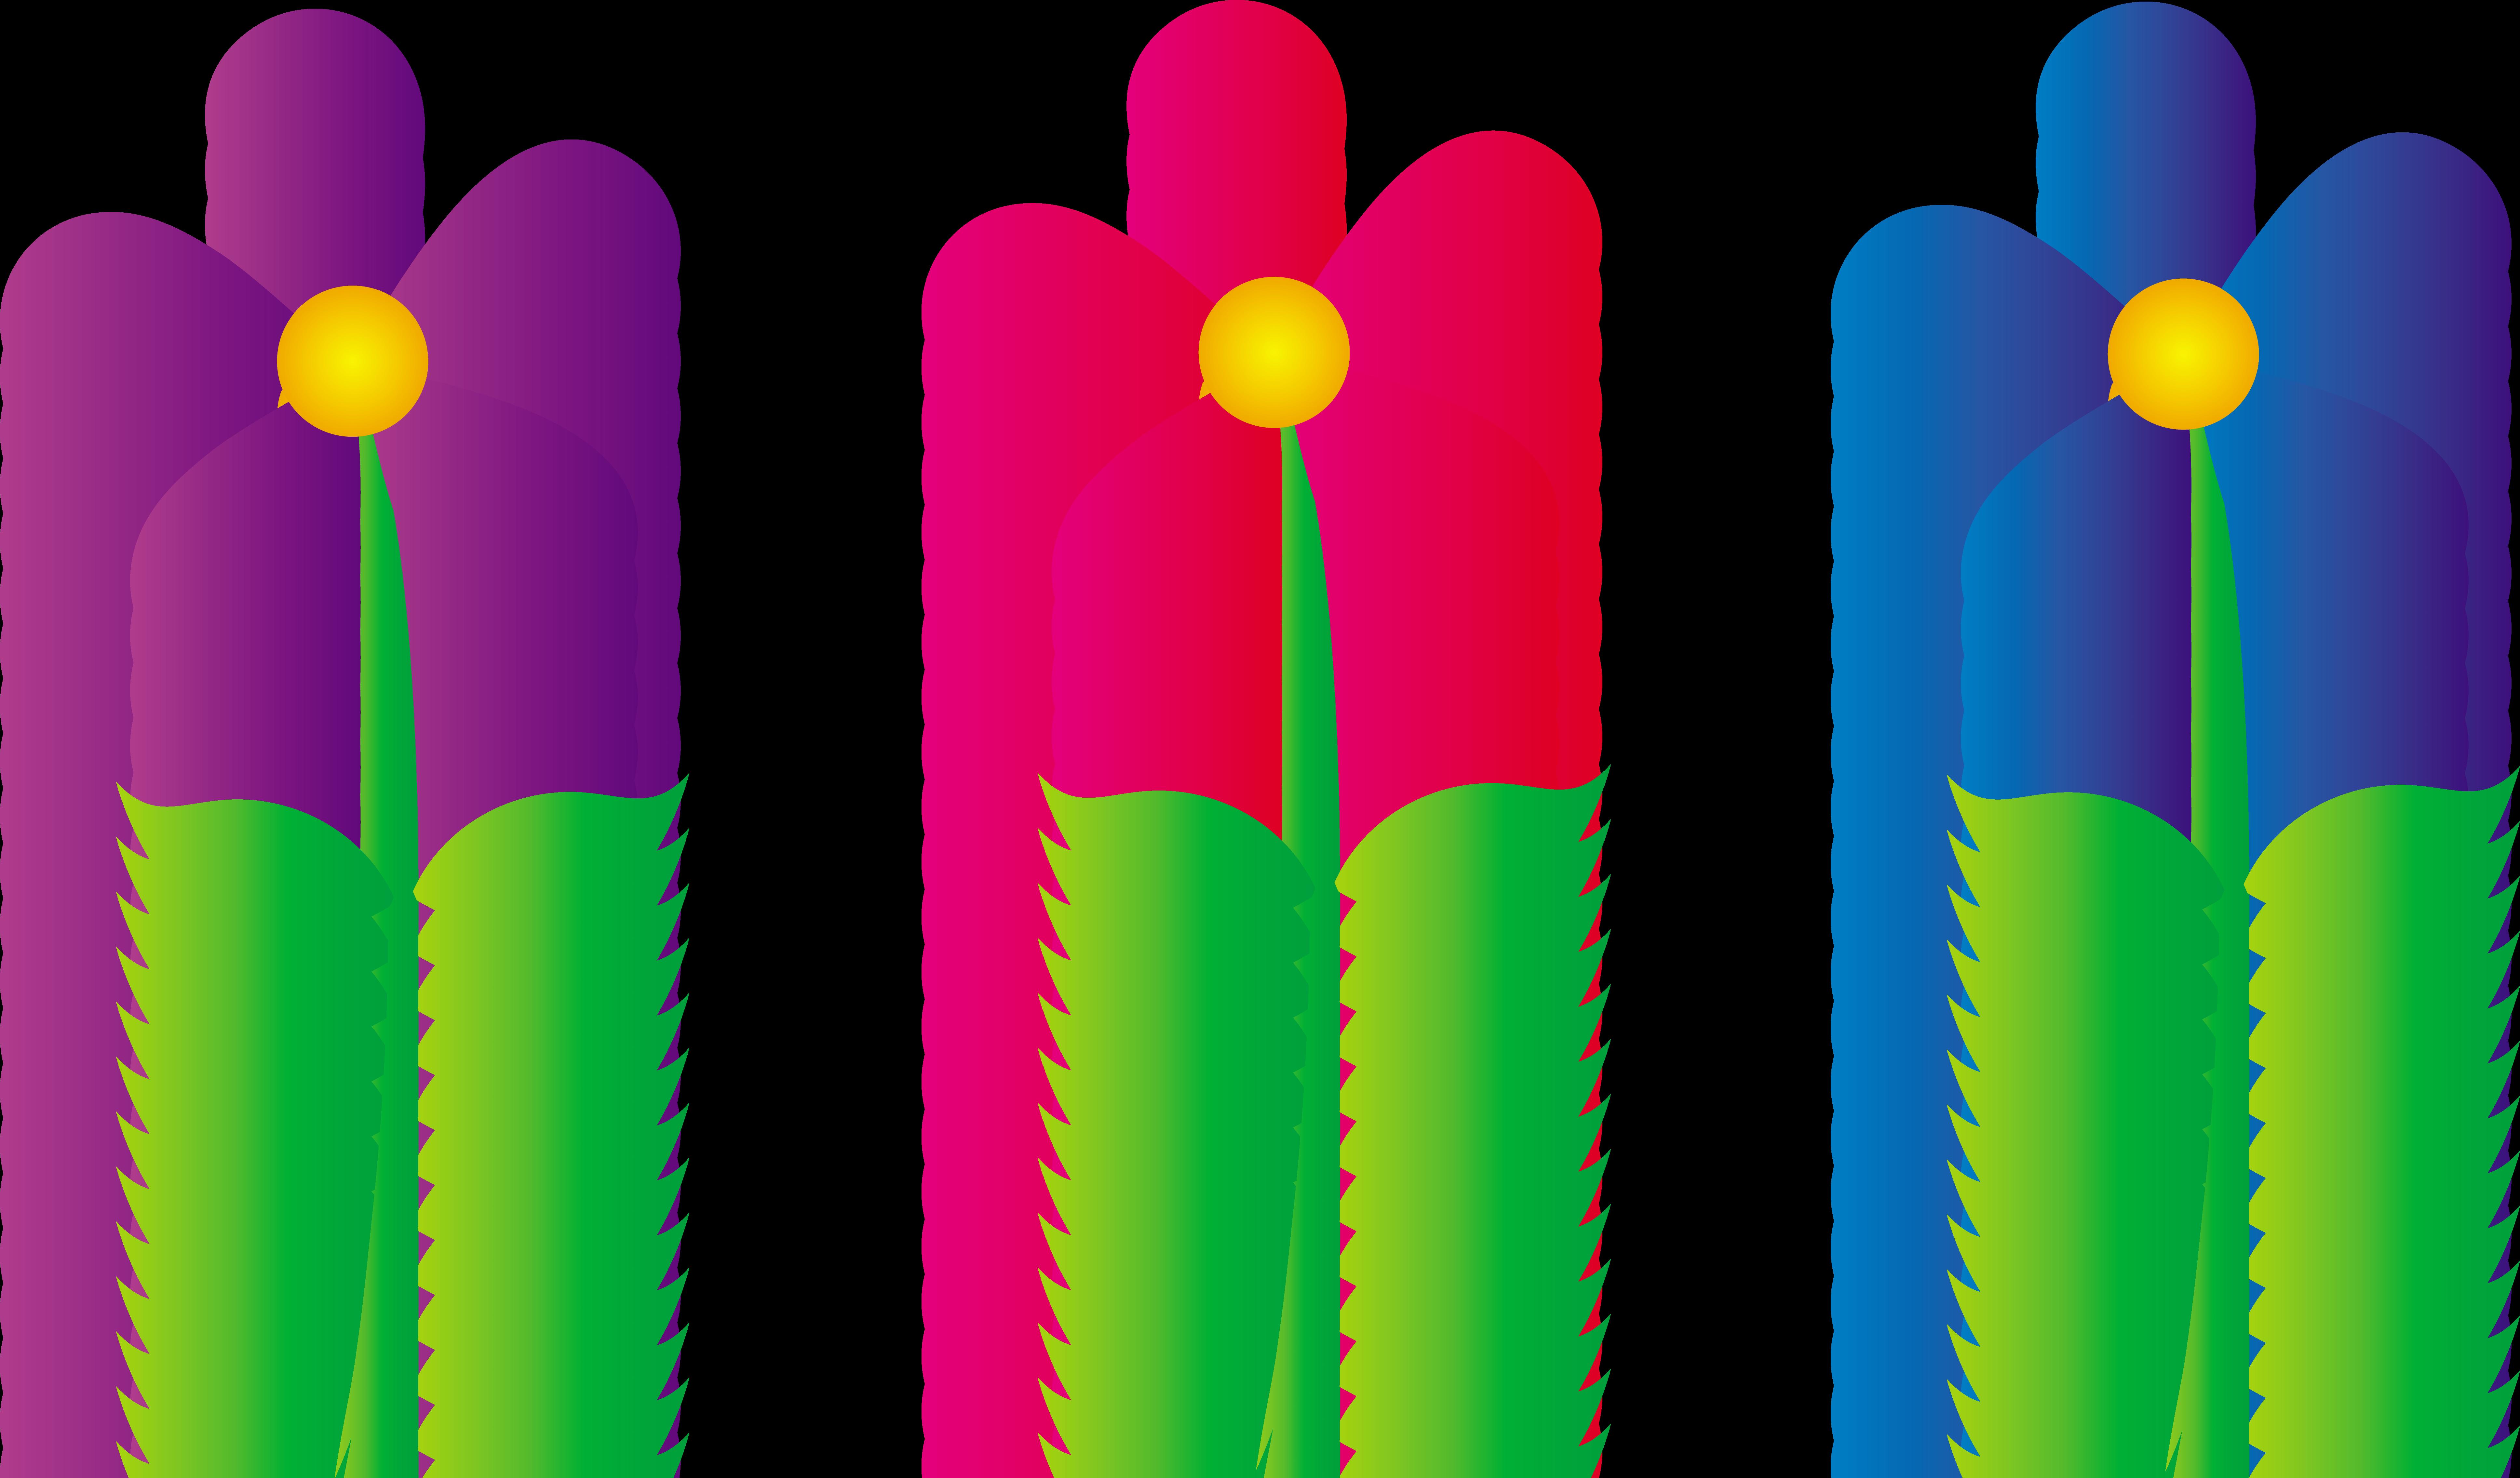 flower border clipart - Clip Art Free Flowers